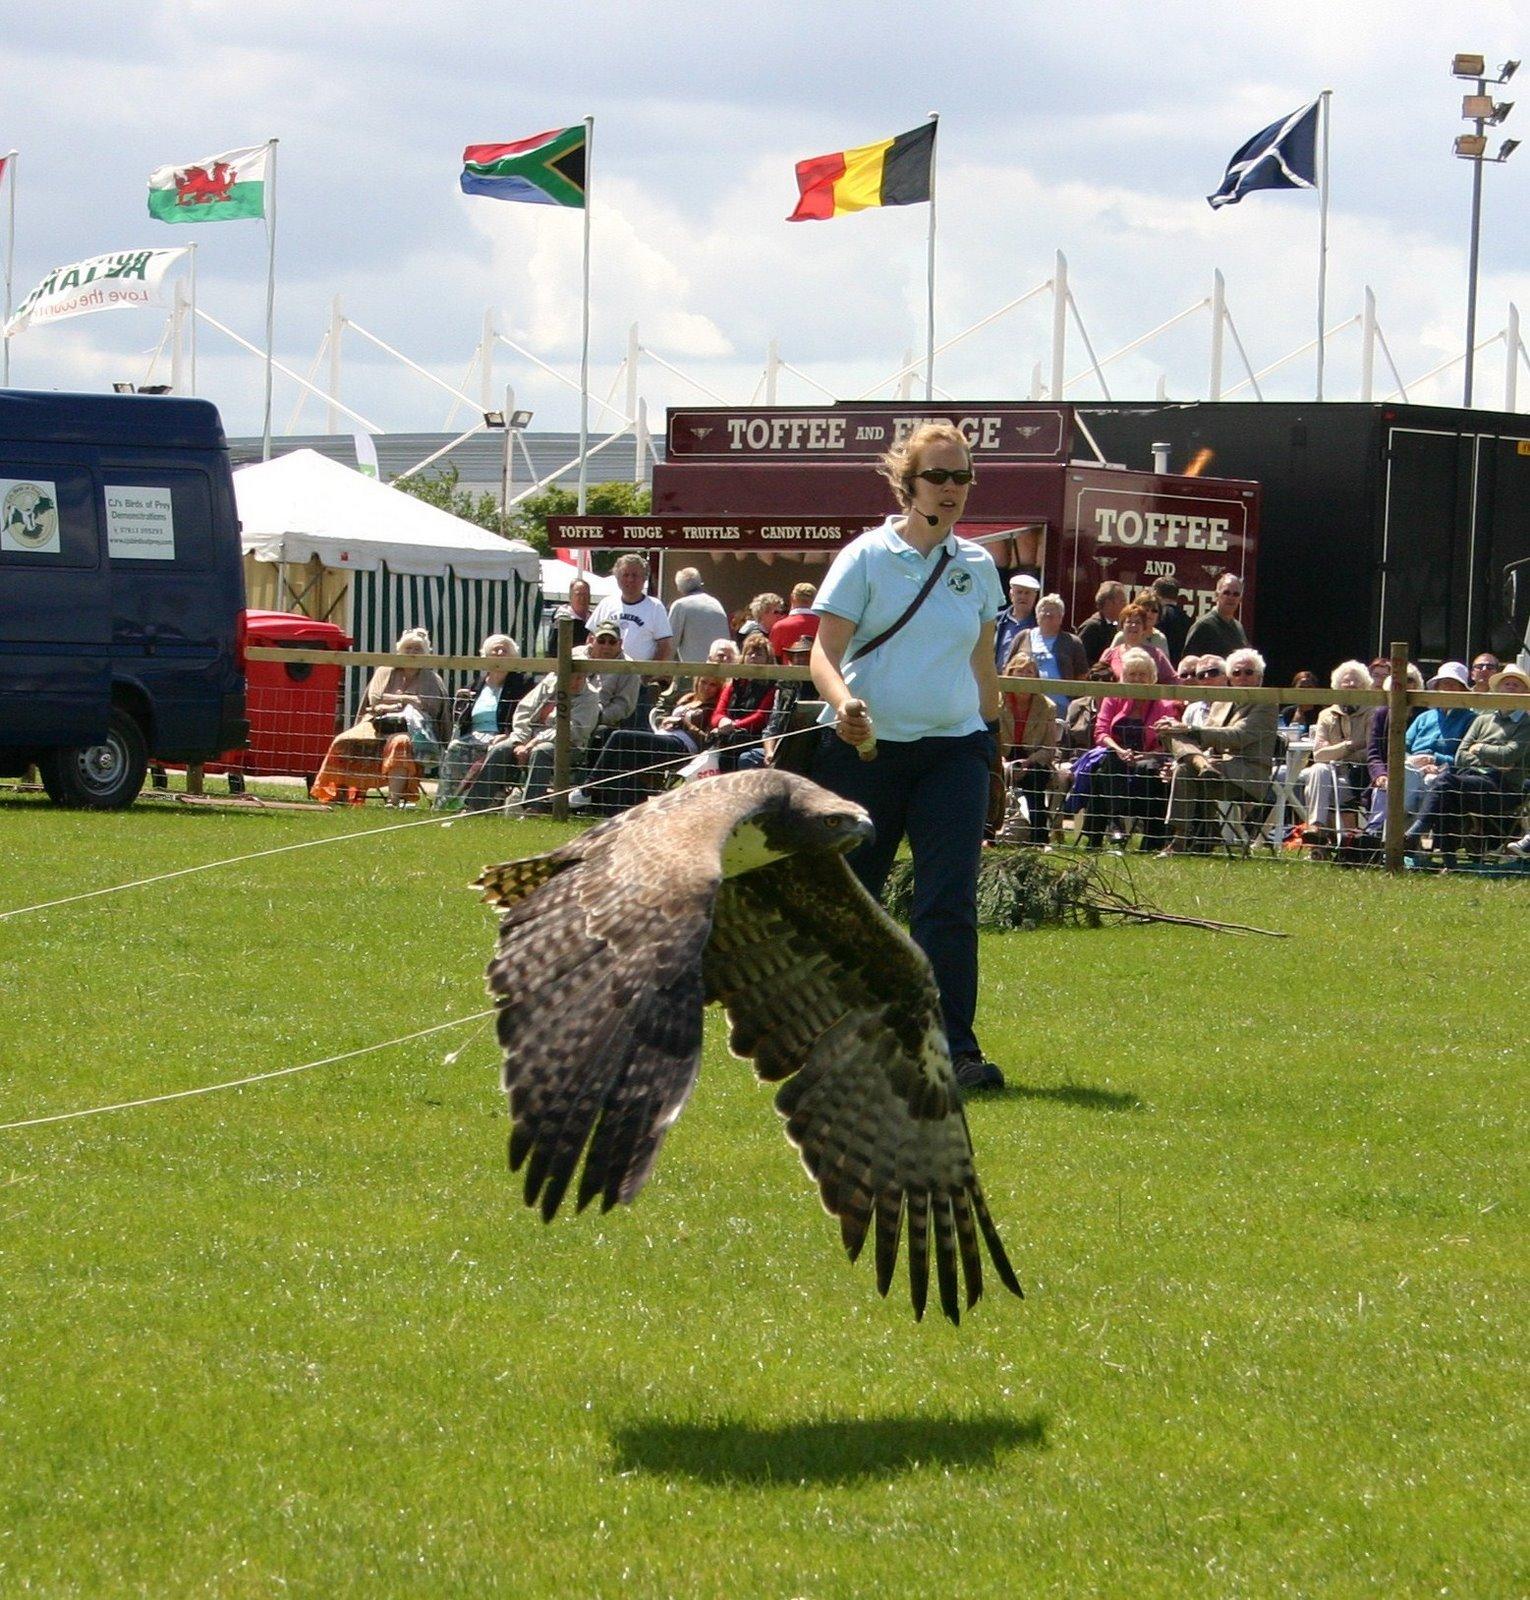 Comparação do tamanho de águias  com relação ao homem. Eagle2